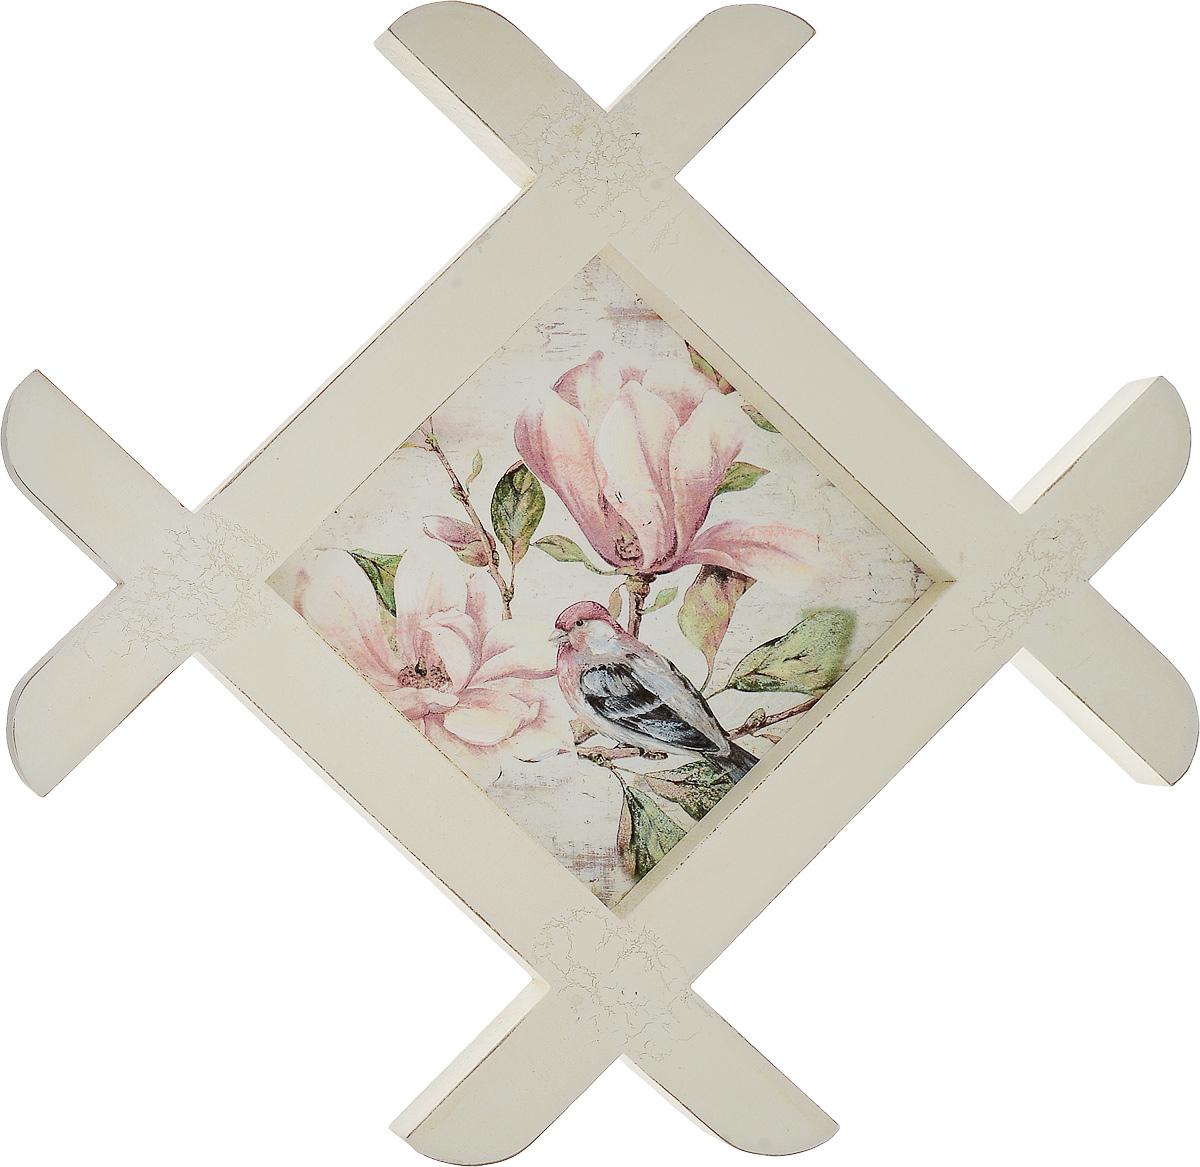 Картина-репродукция Феникс-Презент Цветы и птица, 35 х 35 х 1,5 смБрелок для ключейКартина-репродукция Феникс-презент Цветы и птица в рамке из МДФ выполнена печатью на бумаге с ручной подрисовкой. На оборотной стороне имеется петля для подвешивания на стену.Такая картина - вдохновляющее декоративное решение, привносящее в интерьер нотки творчества и изысканности! Благодаря оригинальному дизайну картина Цветы и птица дополнит интерьер любого помещения, а также сможет стать изысканным подарком для ваших друзей и близких.